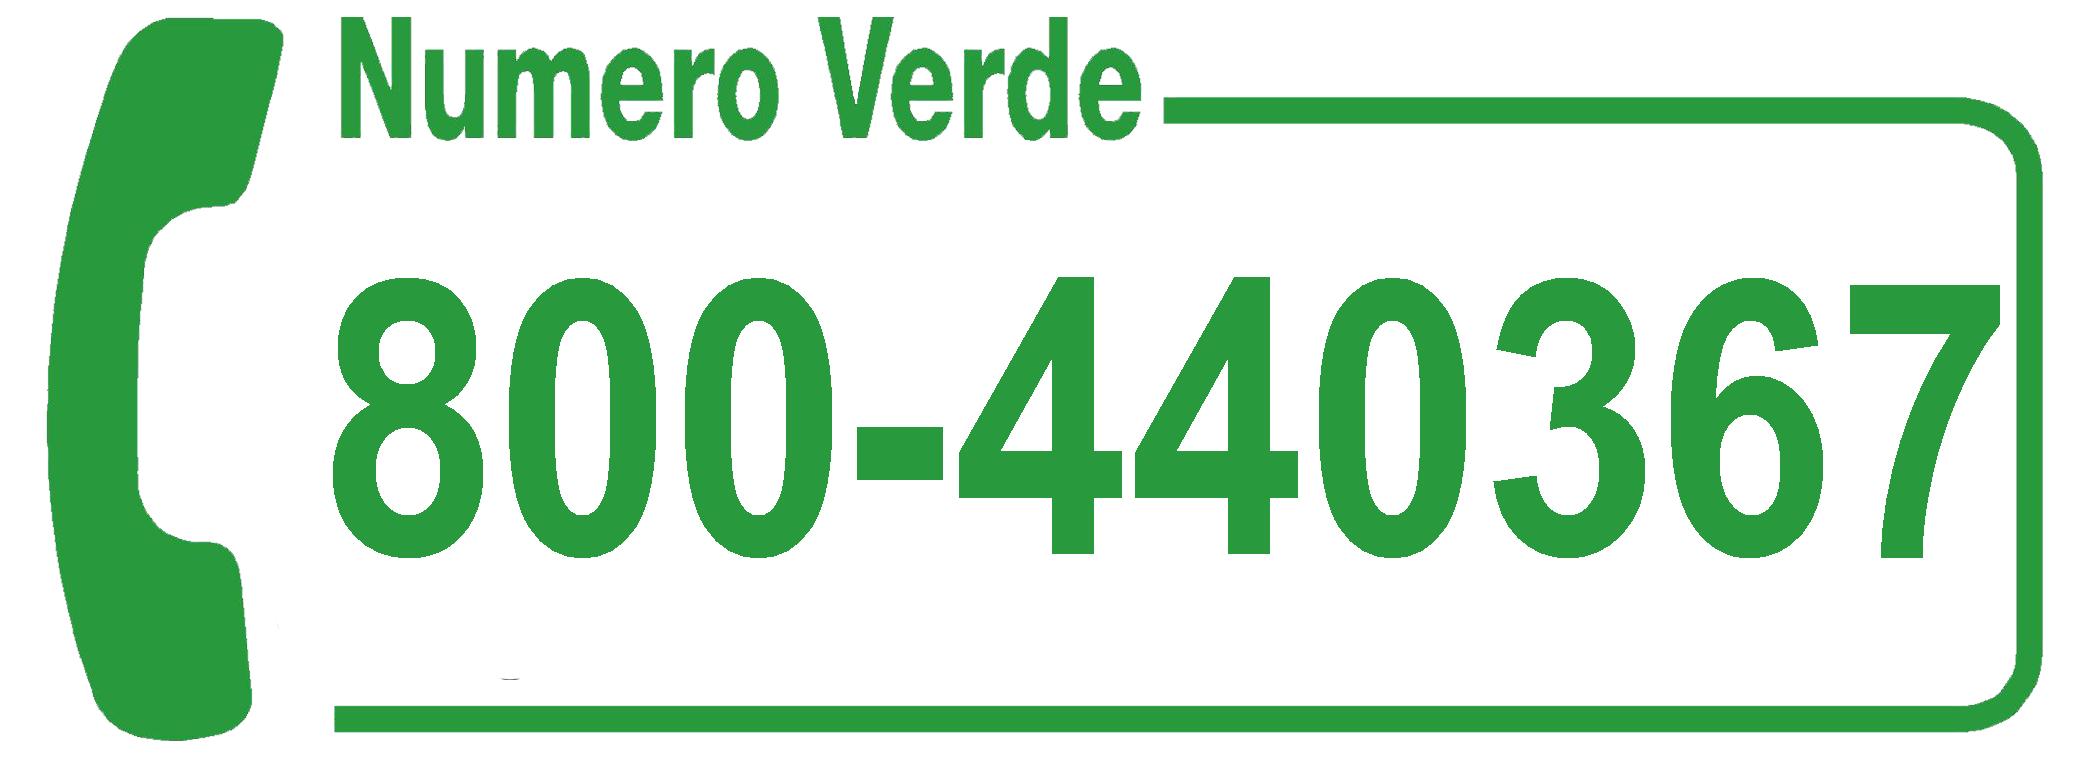 Societ intercomunale servizi idrici s r l piazza risorgimento 1 alba cn tel - Numero verde poltronesofa ...